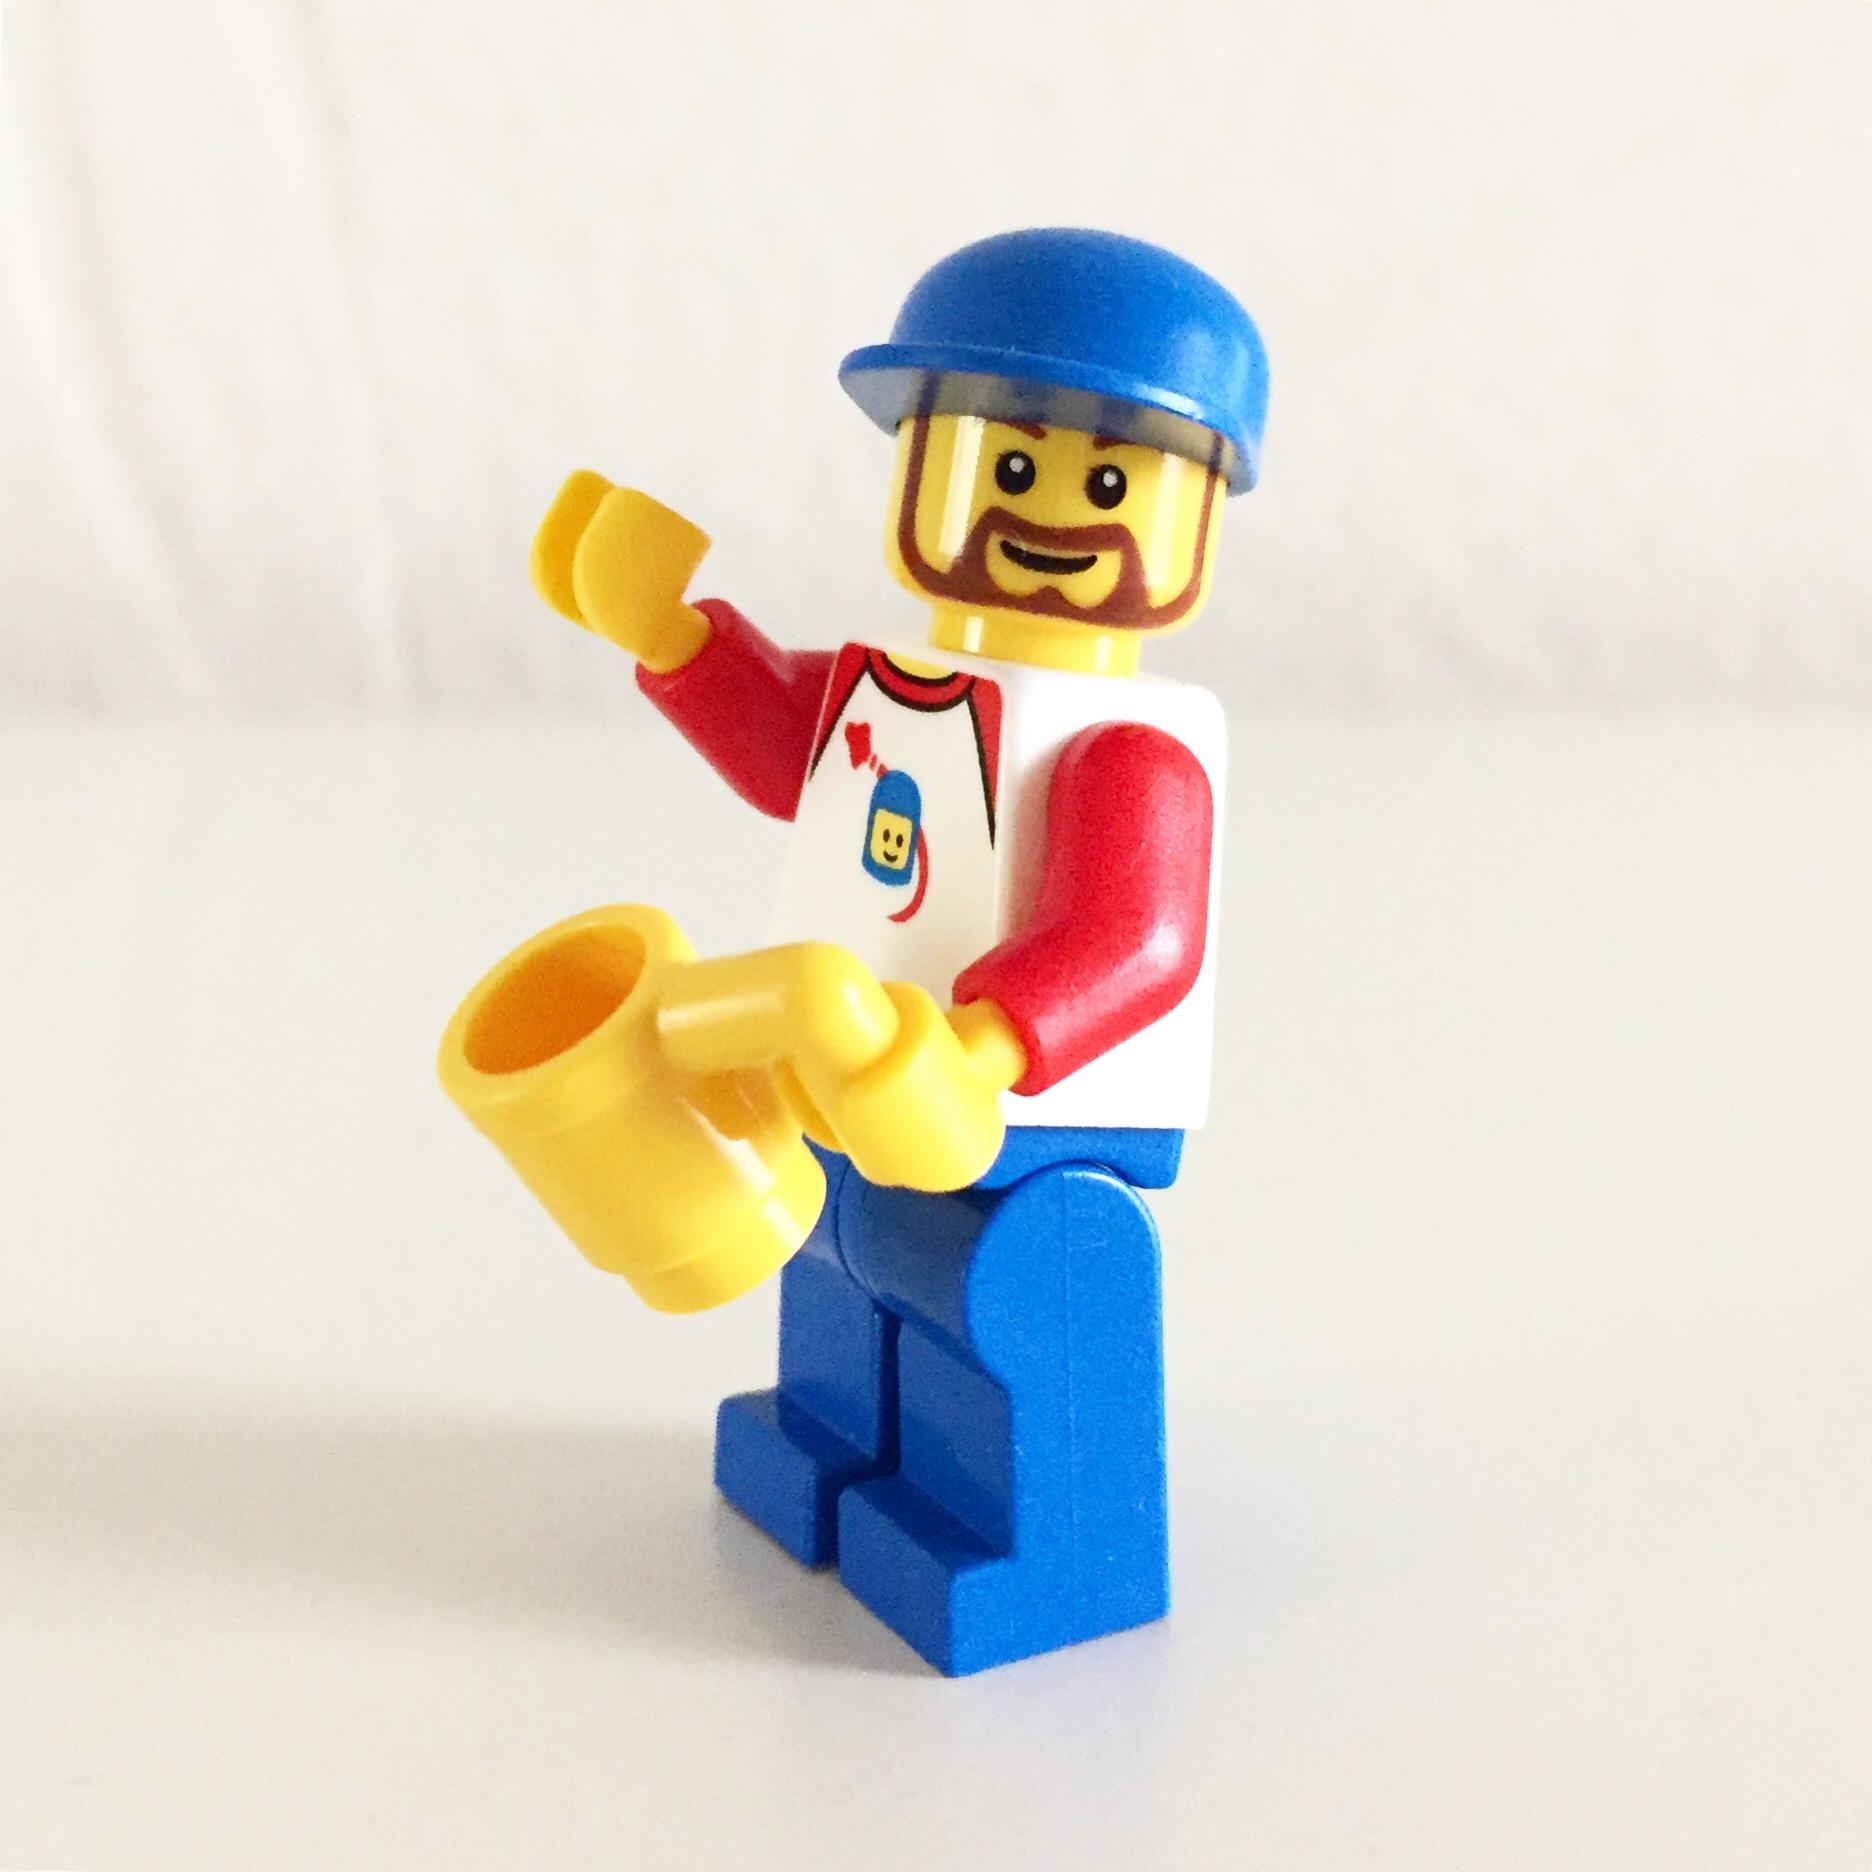 'Minifigures brengen LEGO tot leven'